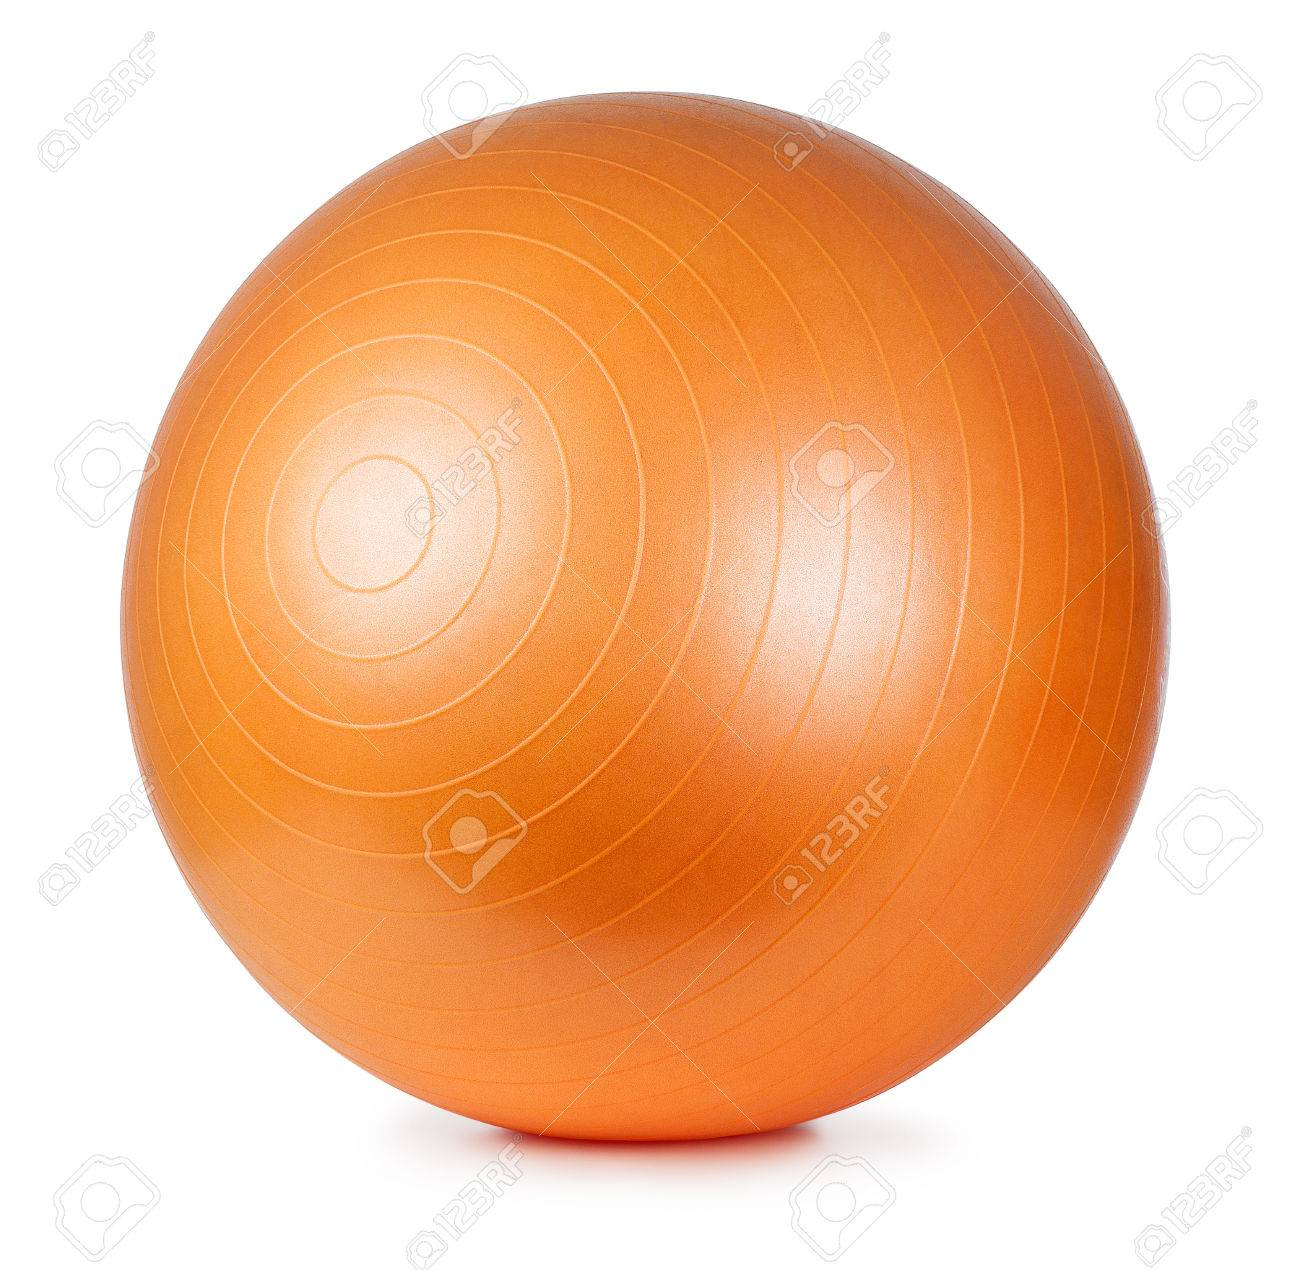 gros plan d'un ballon de fitness orange isolé sur fond blanc banque